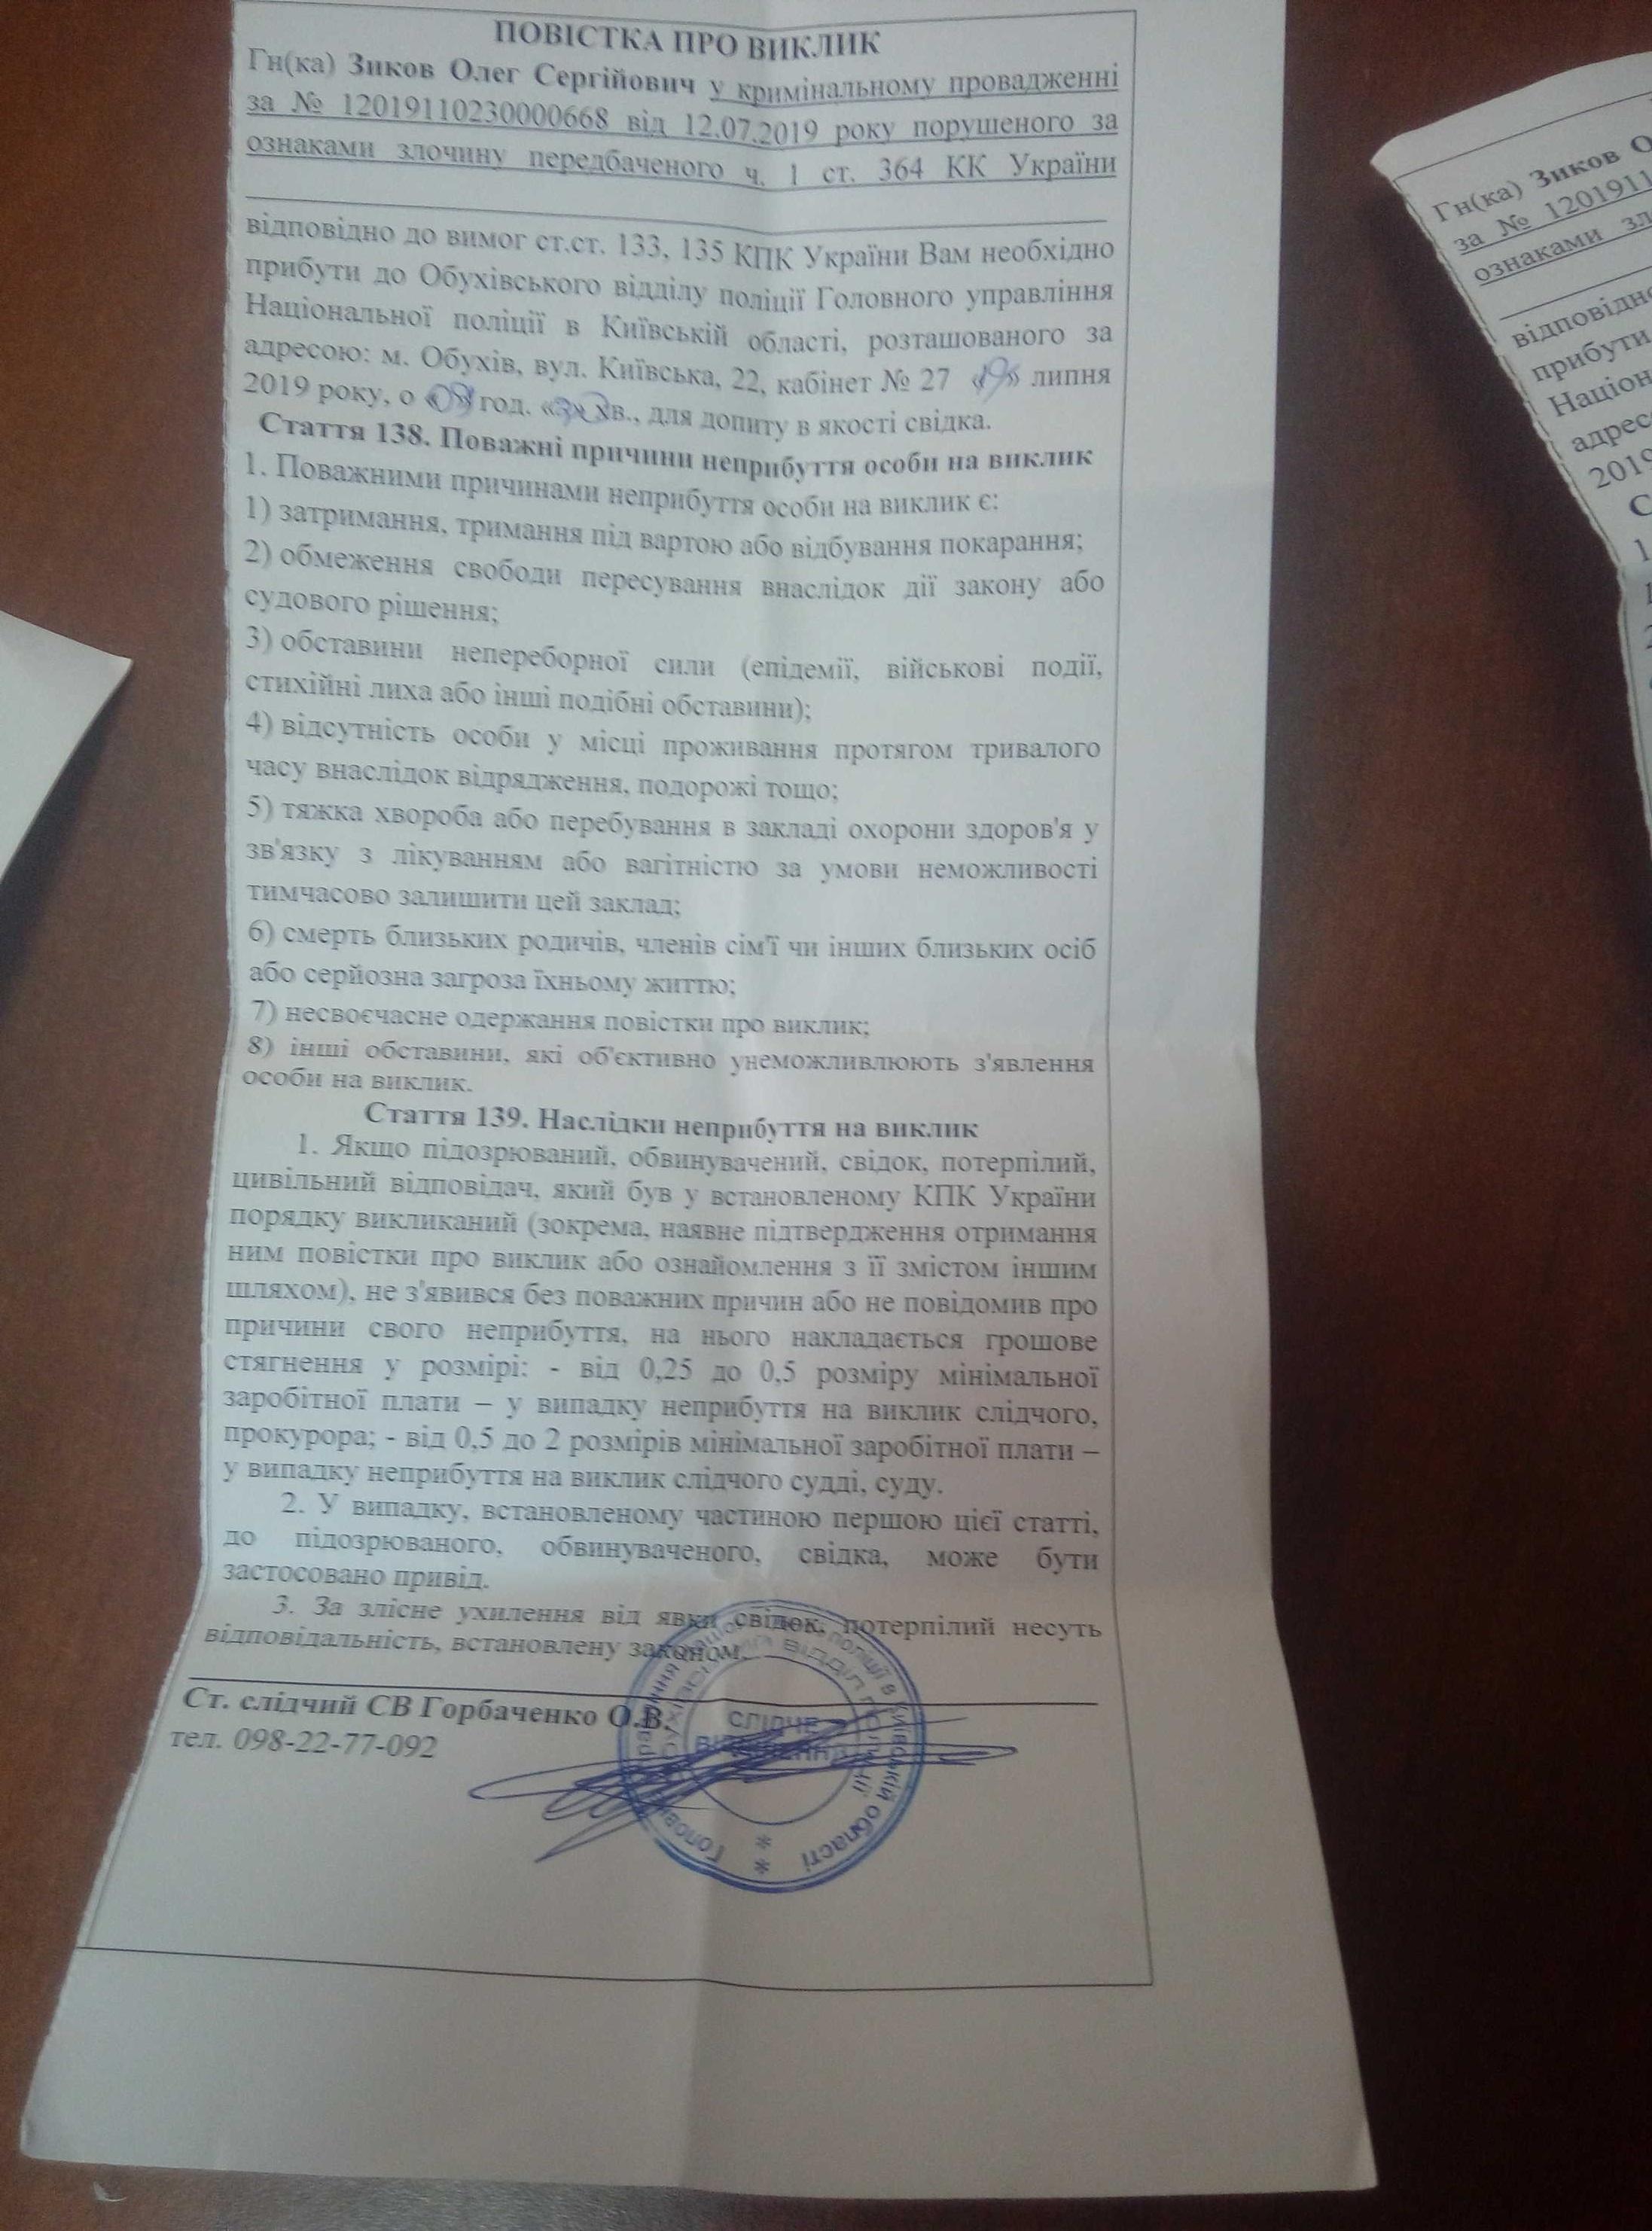 Київщина: ОВК №94 заявляє про тиск на неї правоохоронних органів'